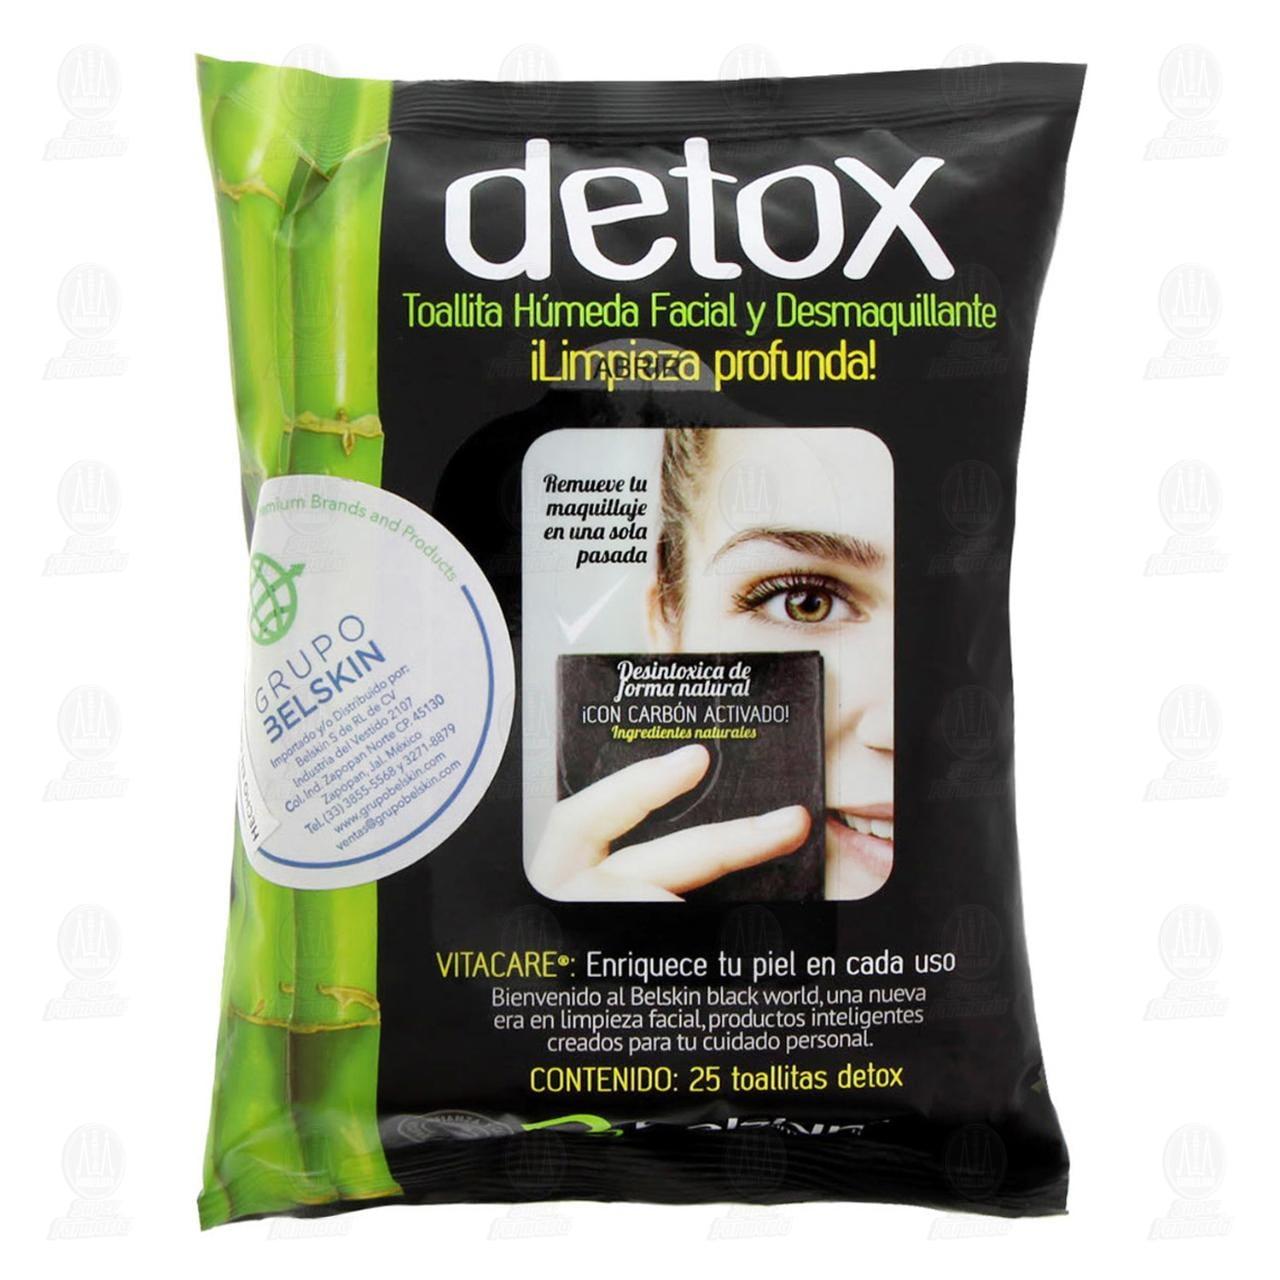 Comprar Toallitas Húmedas Detox Faciales y Desmaquillantes con Carbón Activado, 25 pzas. en Farmacias Guadalajara